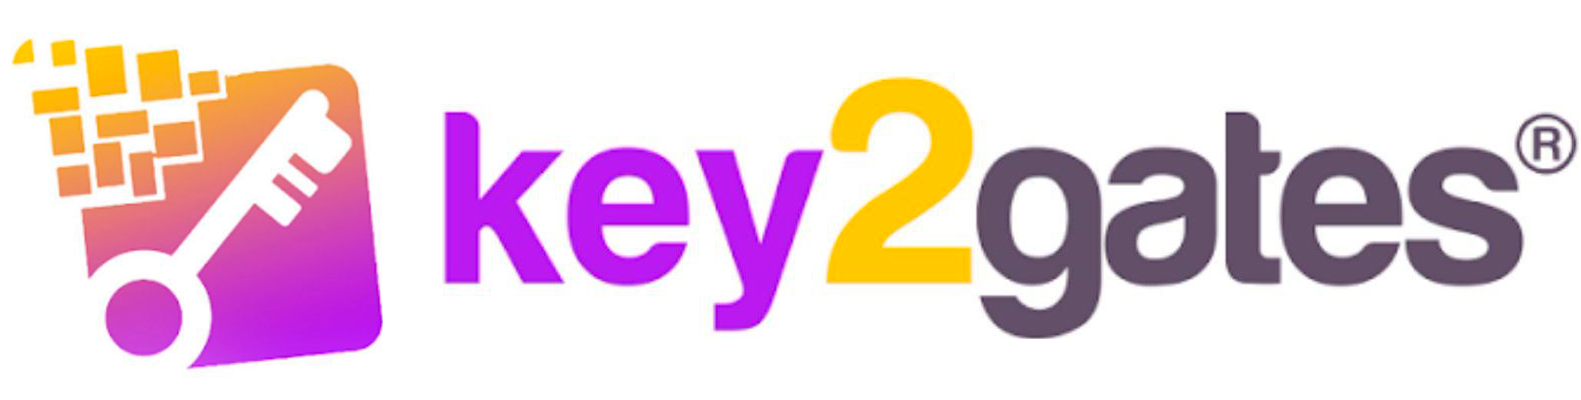 Key2Gates New